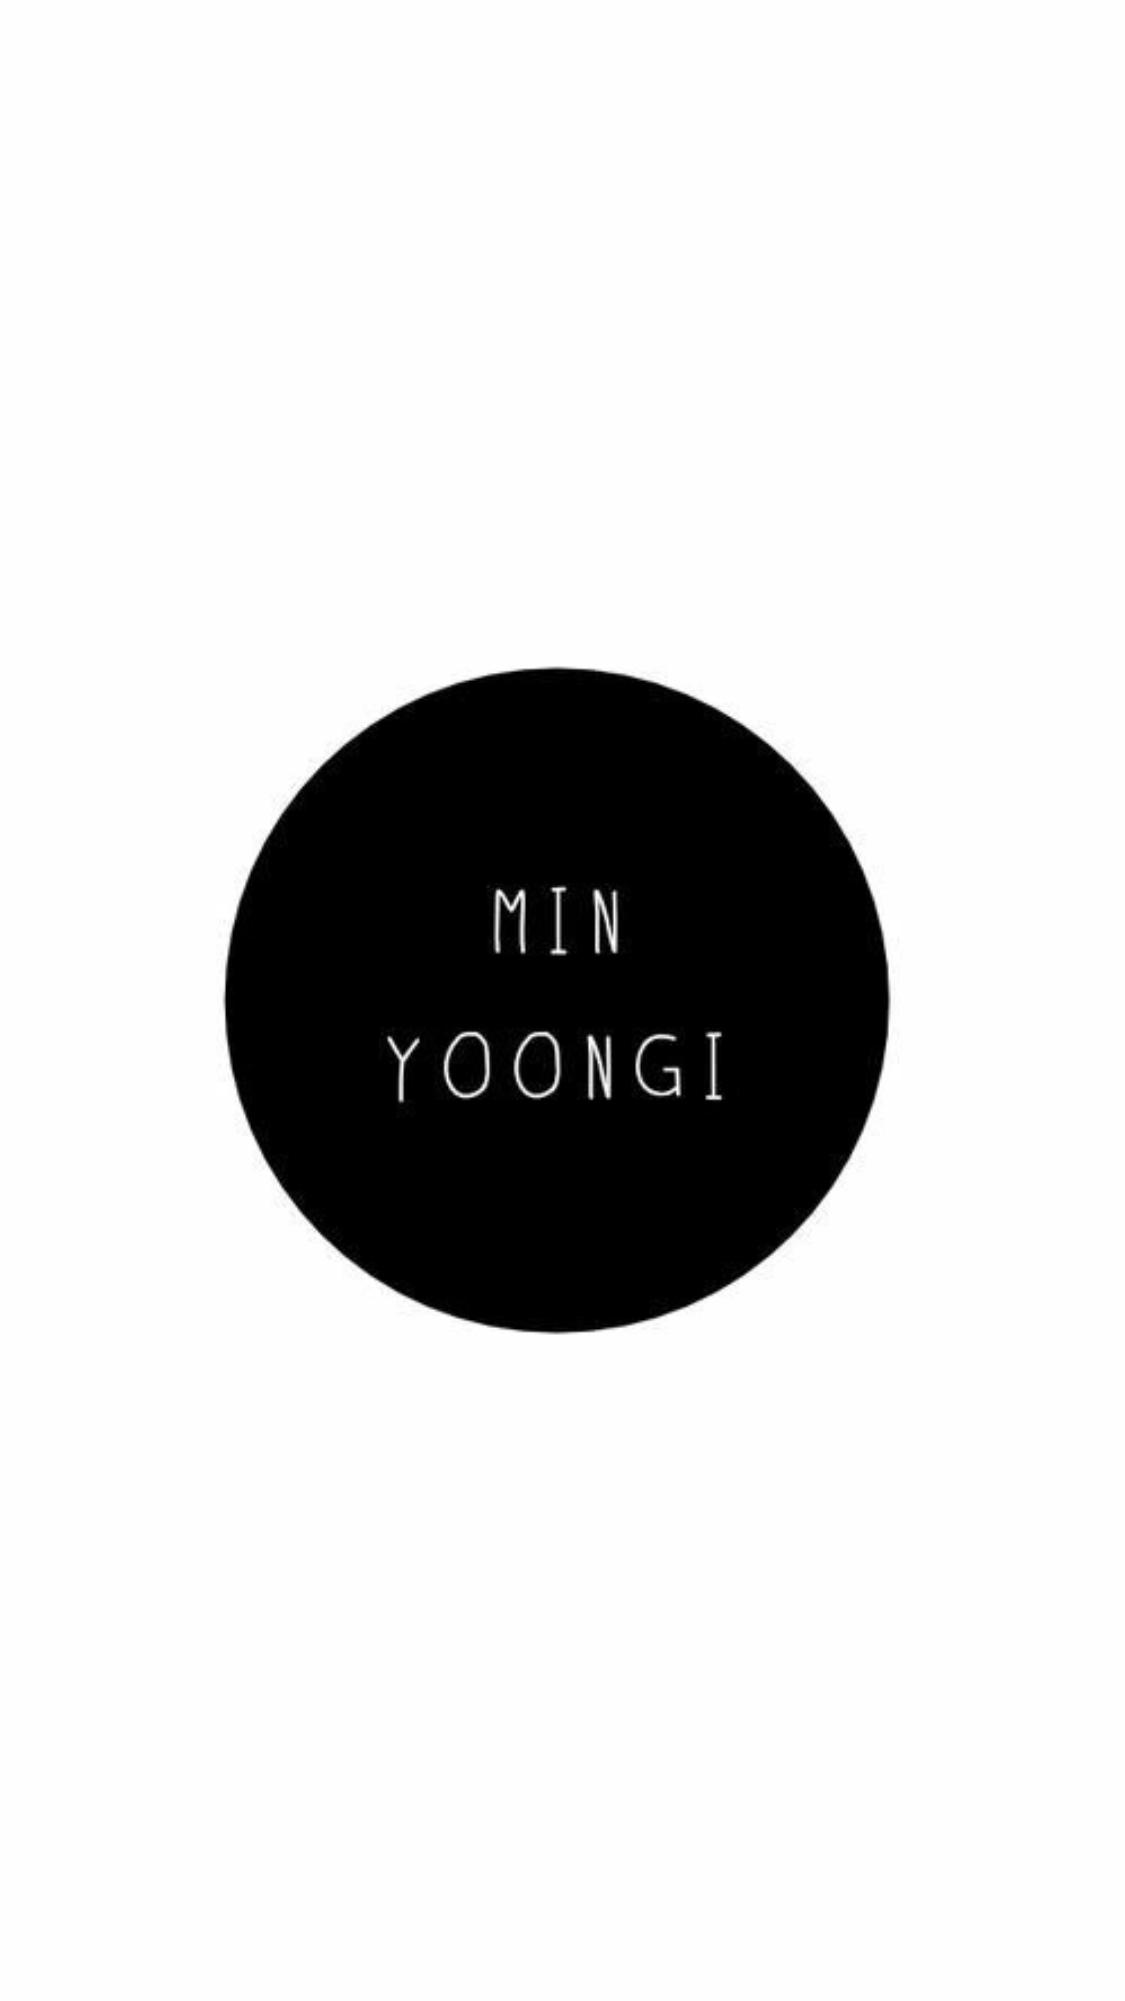 BTS MinYoongi Suga Bts, Izciler ve Duvar kağıtları